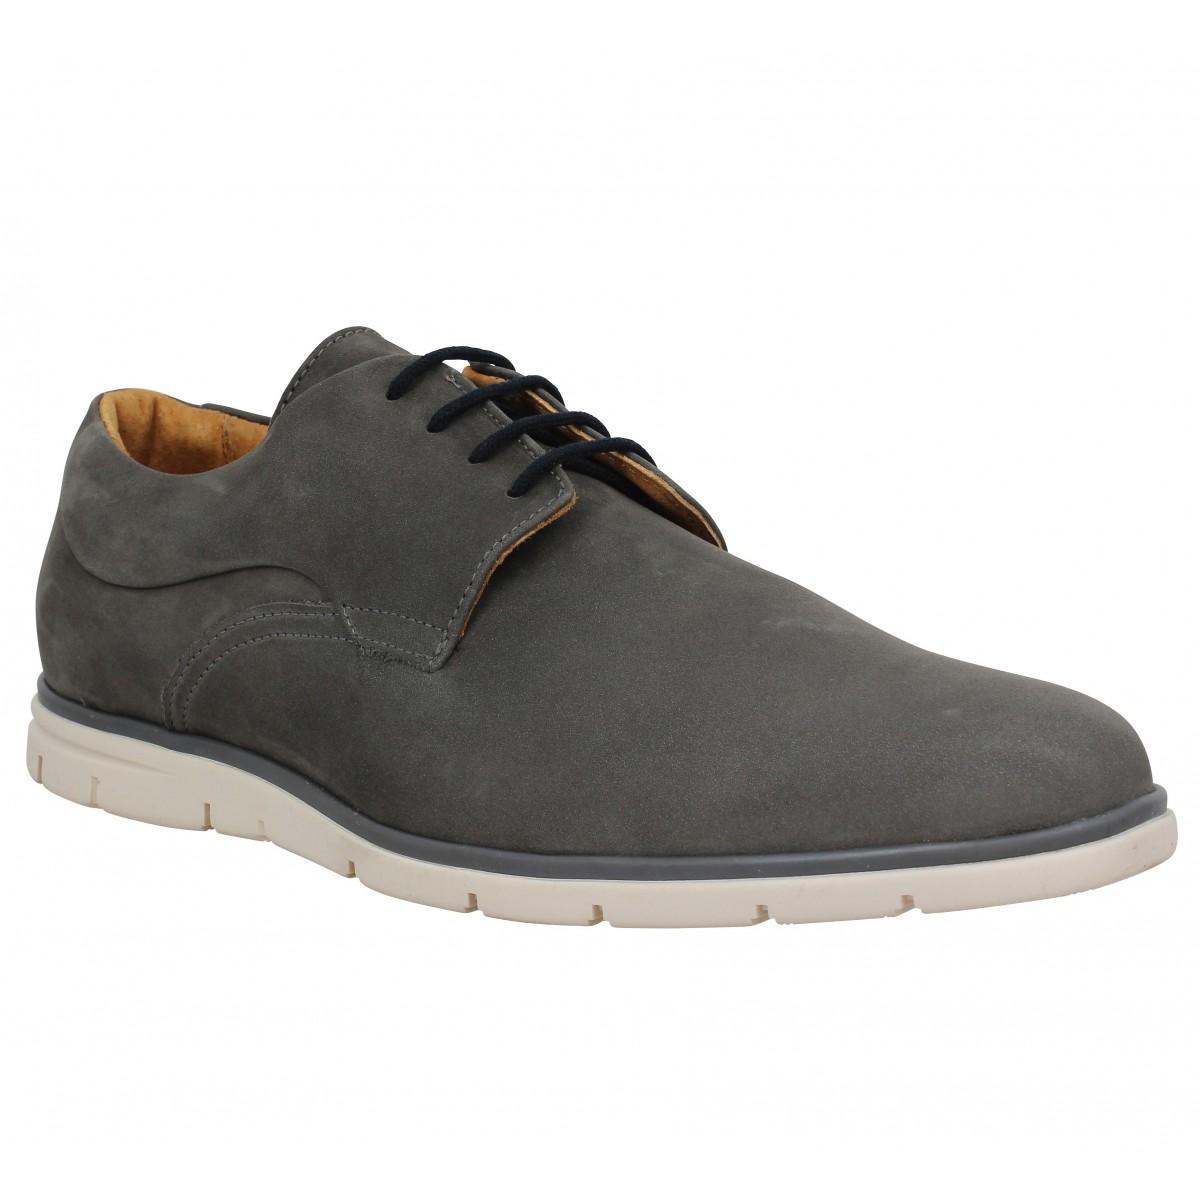 Chaussures à lacets SCHMOOVE Shaft Derby velours Homme Gris